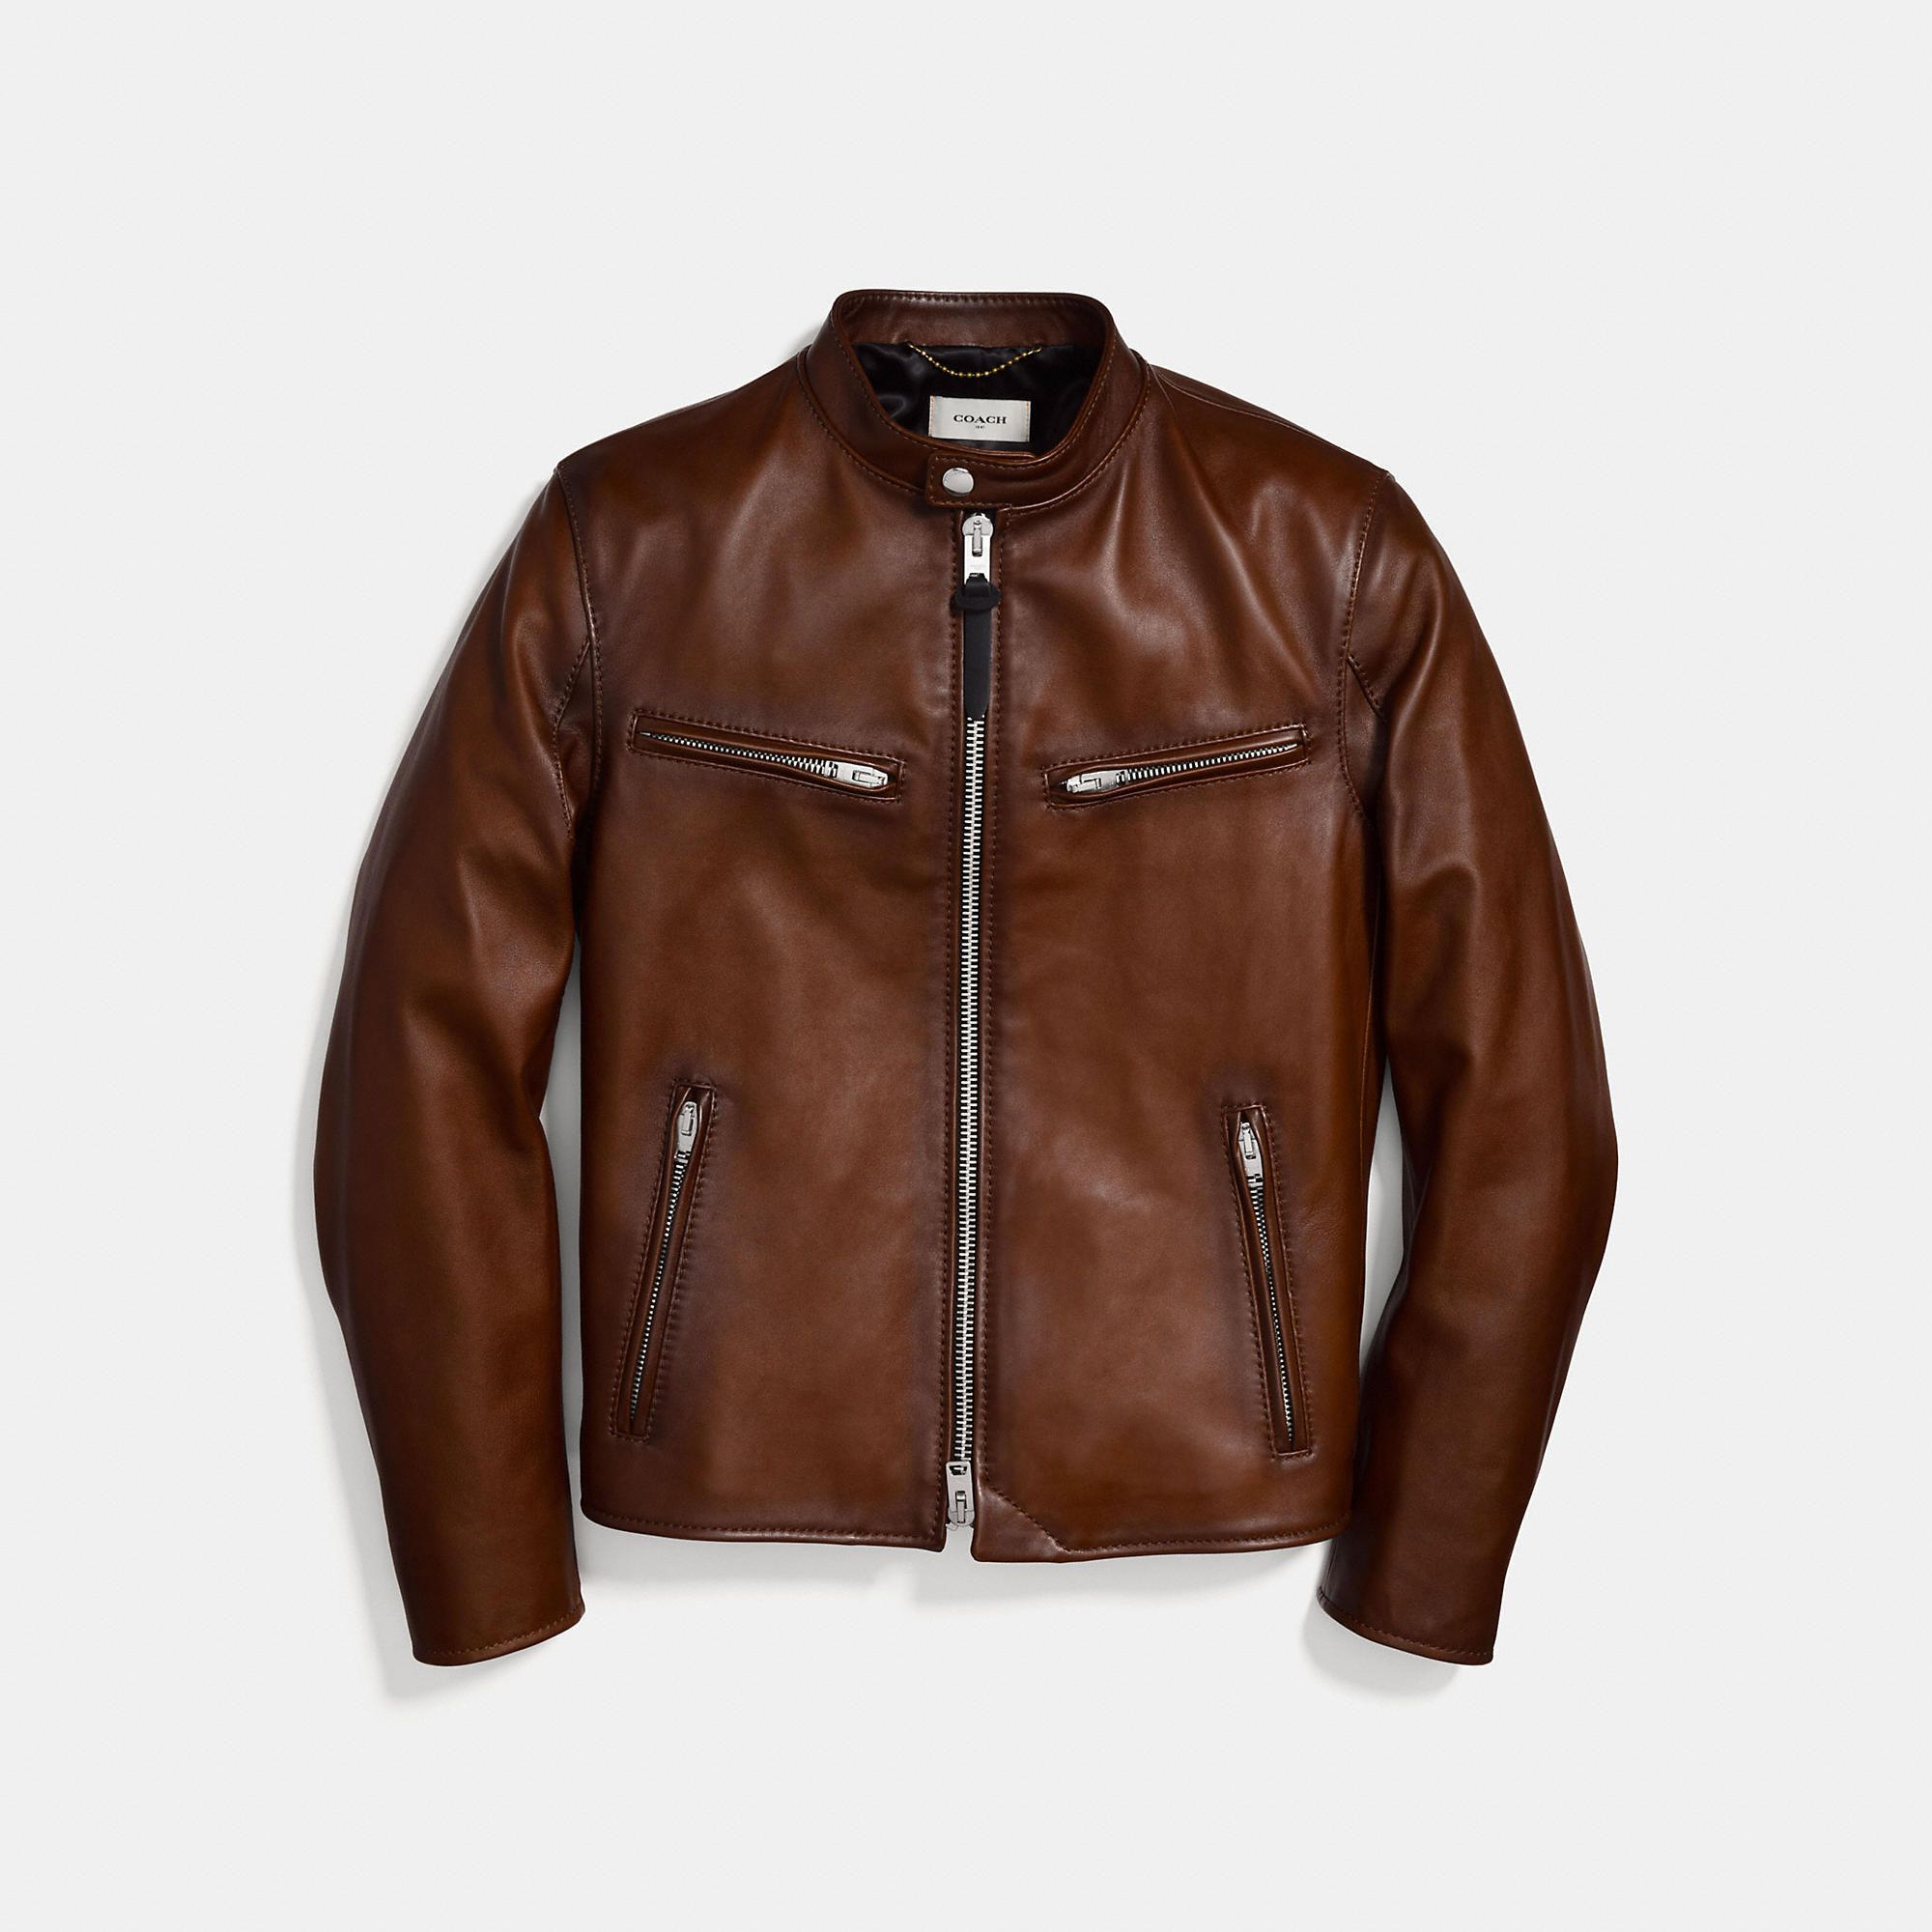 Racer Jacket Jackets, Mens clothing styles, Leather jacket